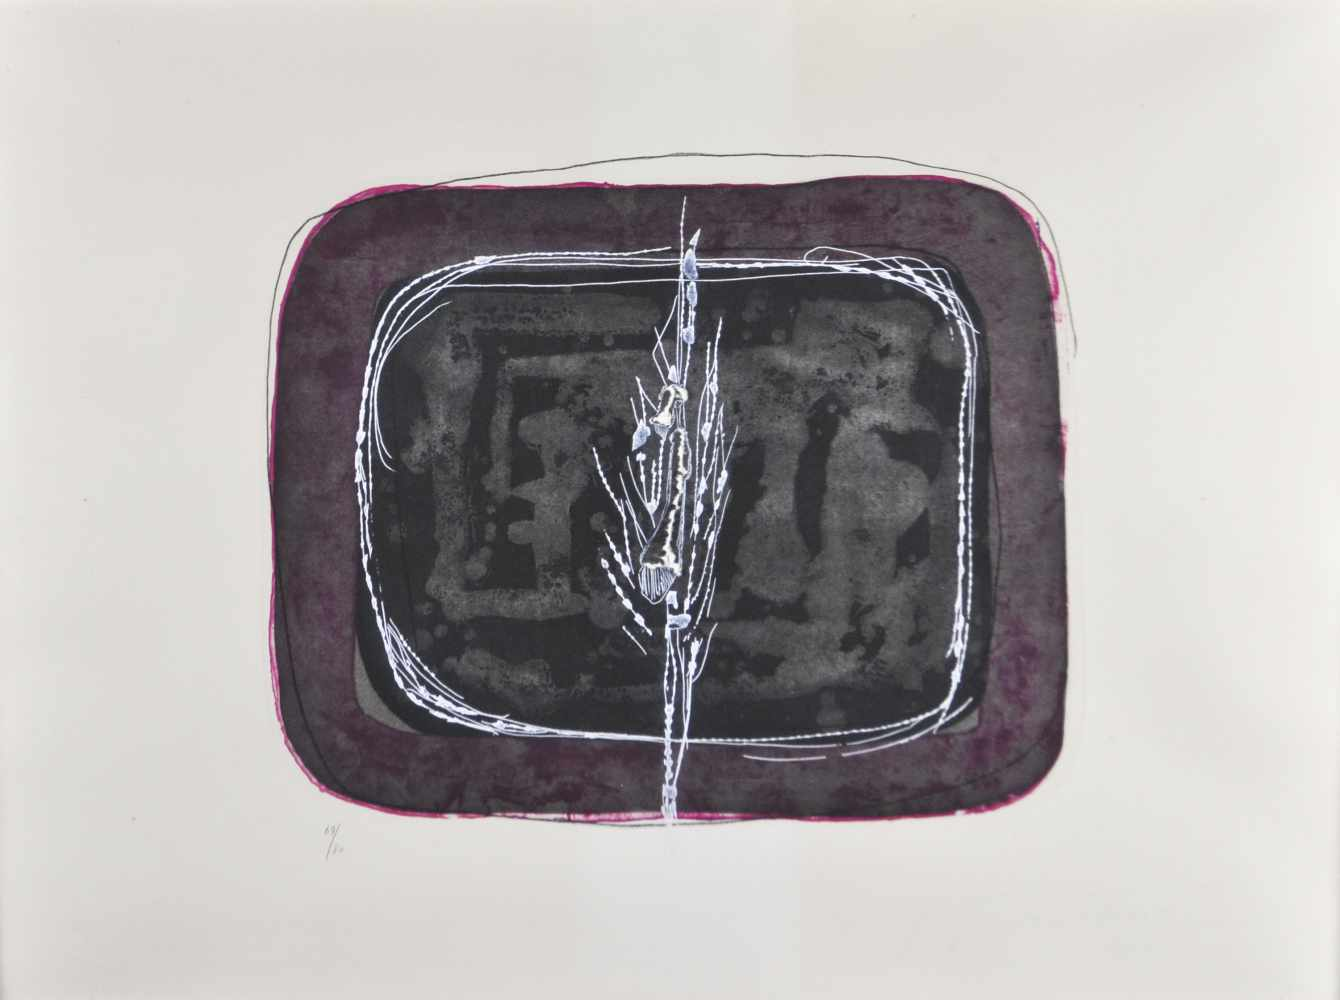 Lucio Fontana (Rosario di Santa Fè 1899 - Varese 1968)Concetto spaziale. 1968;Farbaquatinta mit